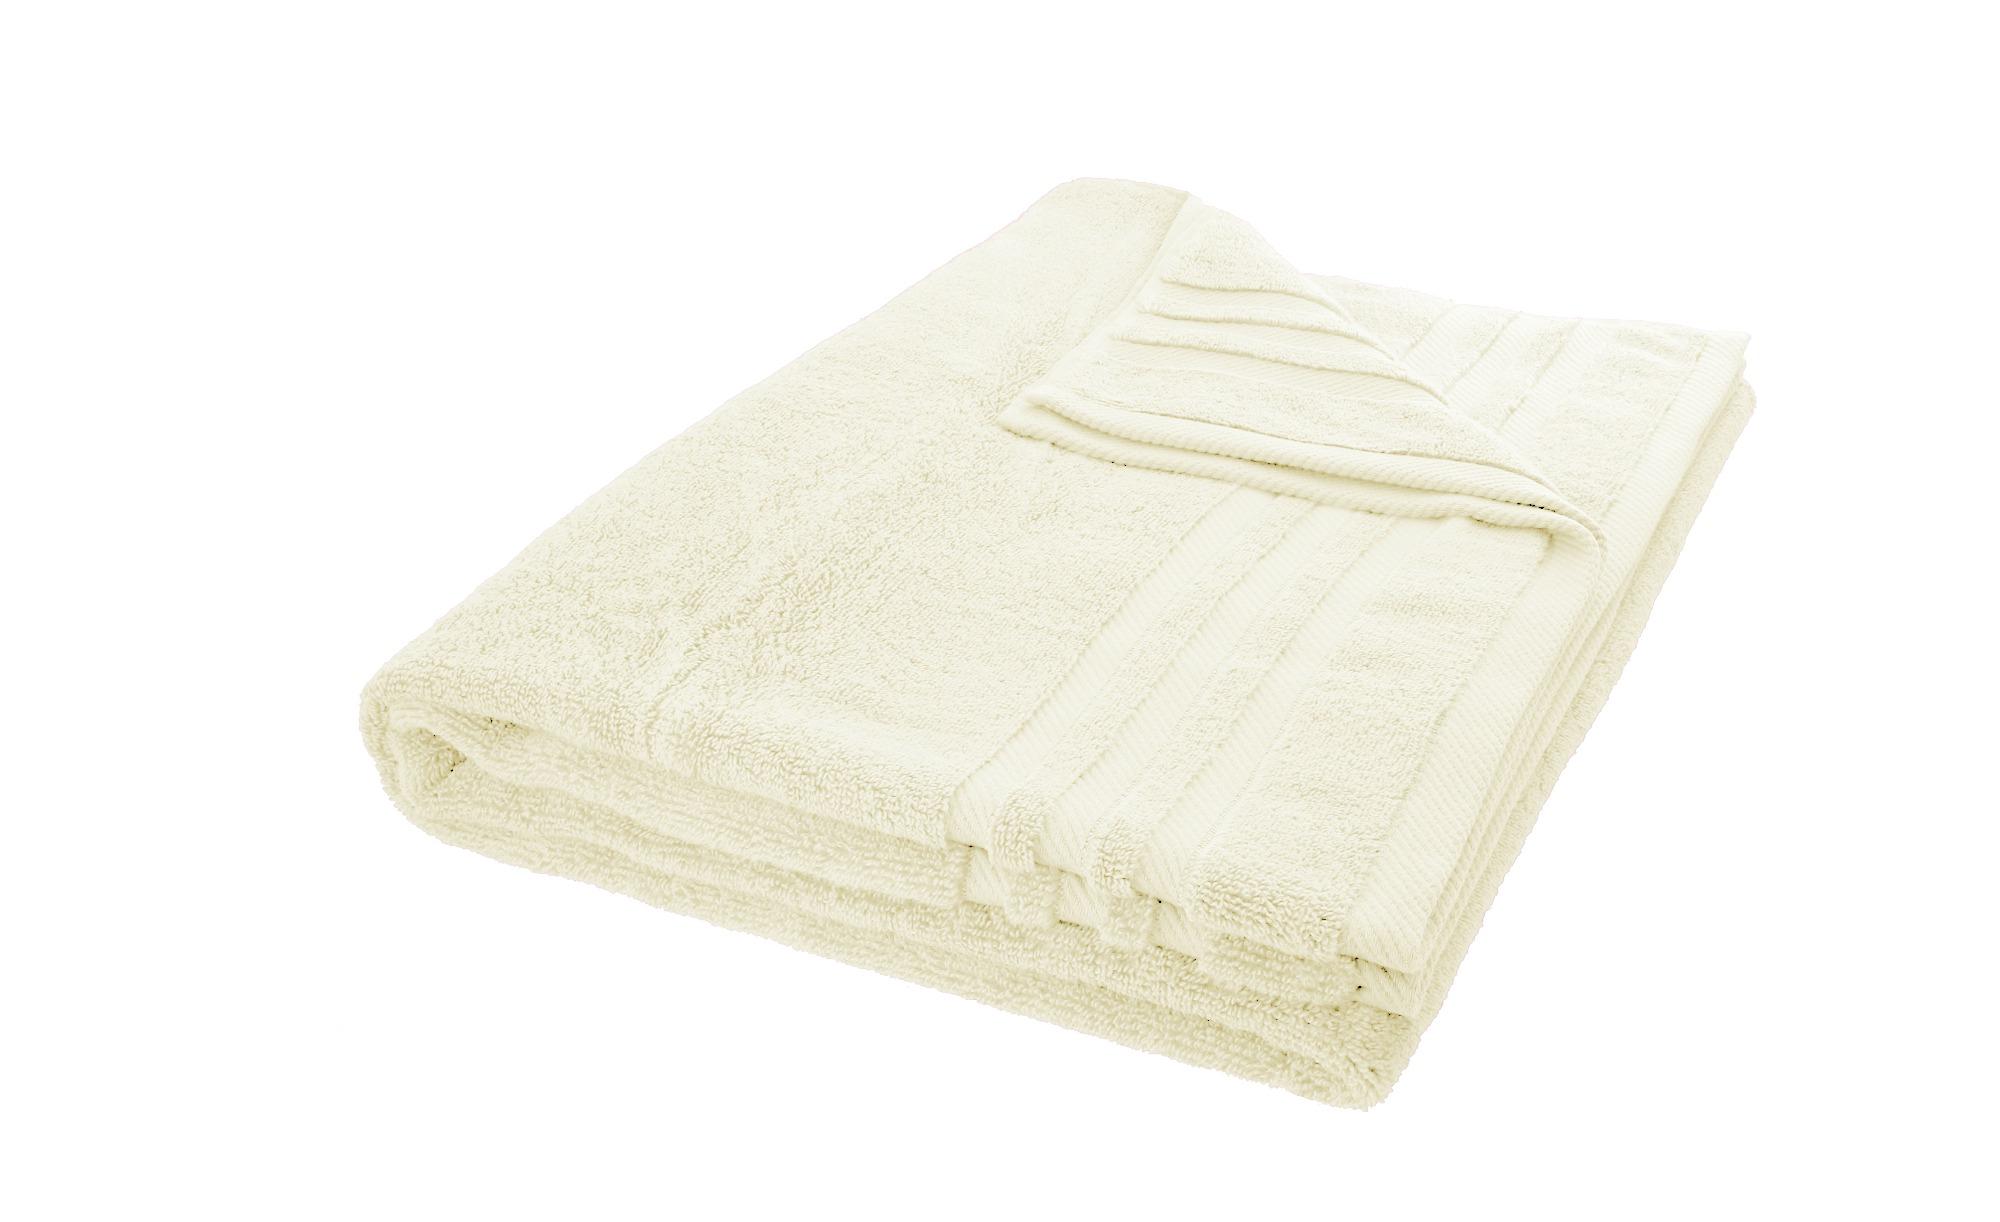 LAVIDA Badetuch  Soft Cotton ¦ creme ¦ reine Micro-Baumwolle ¦ Maße (cm): B: 100 Badtextilien und Zubehör > Handtücher & Badetücher > Badetücher & Saunatücher - Höffner